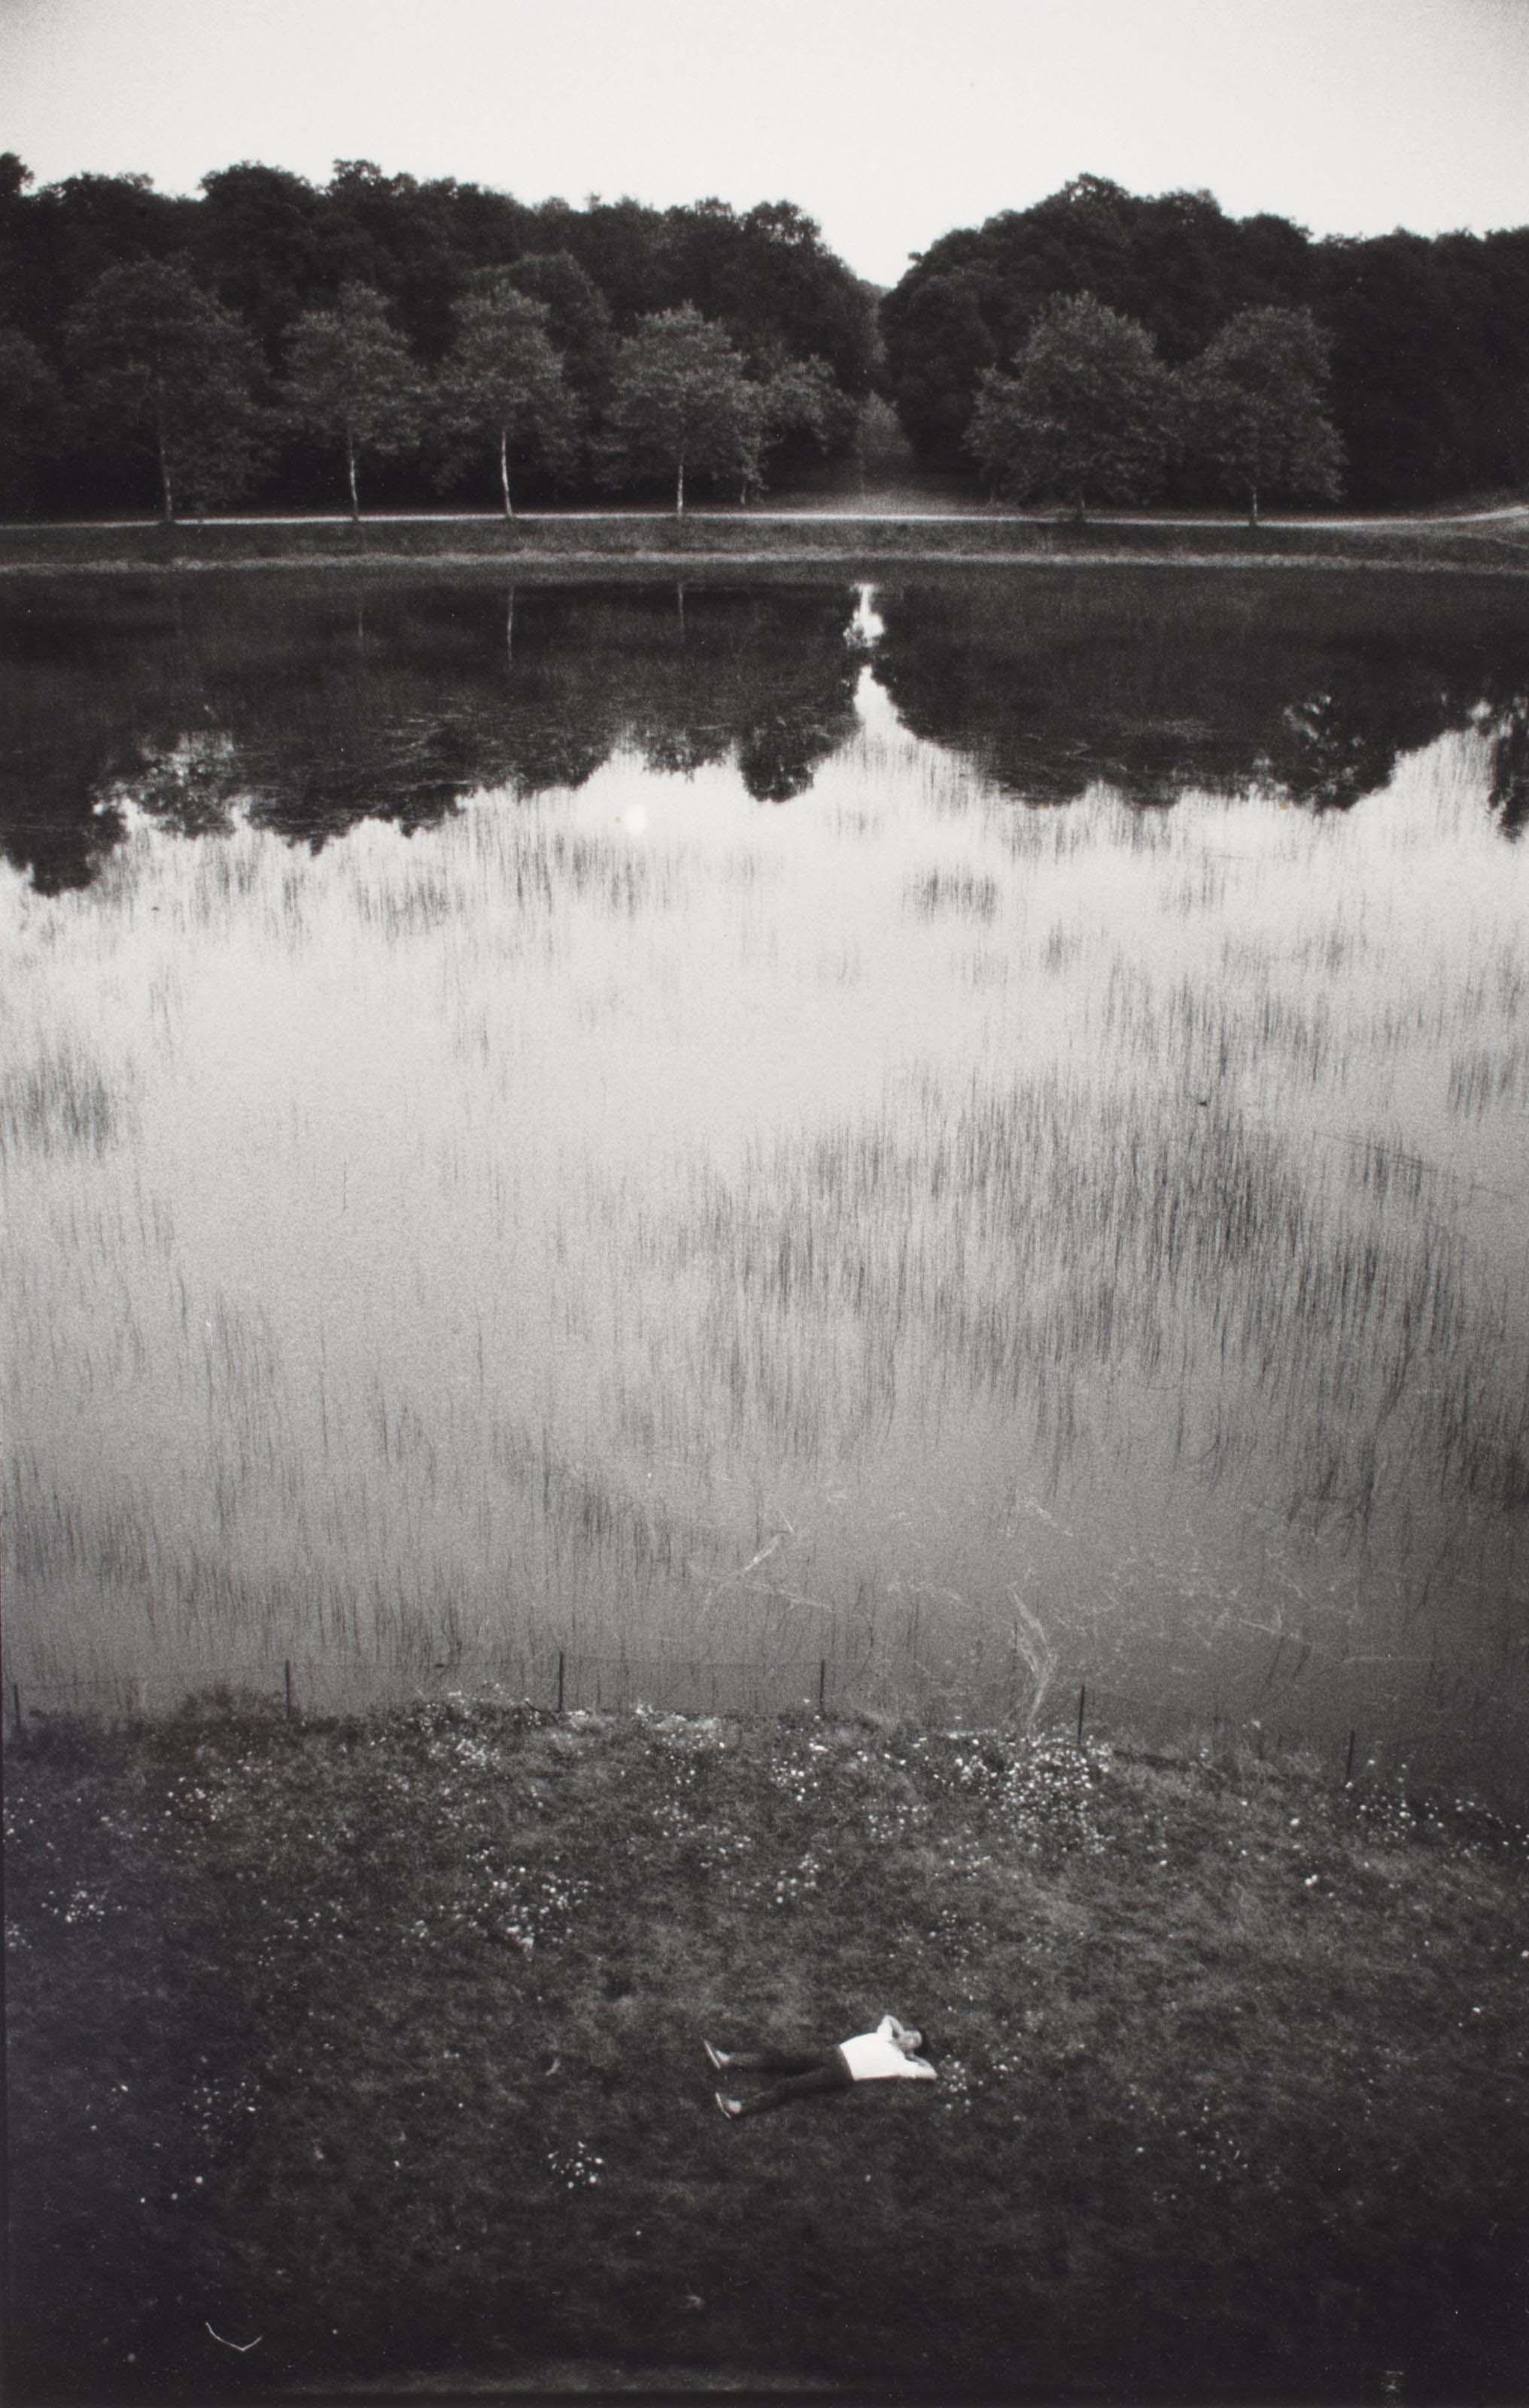 William Klein, 1962